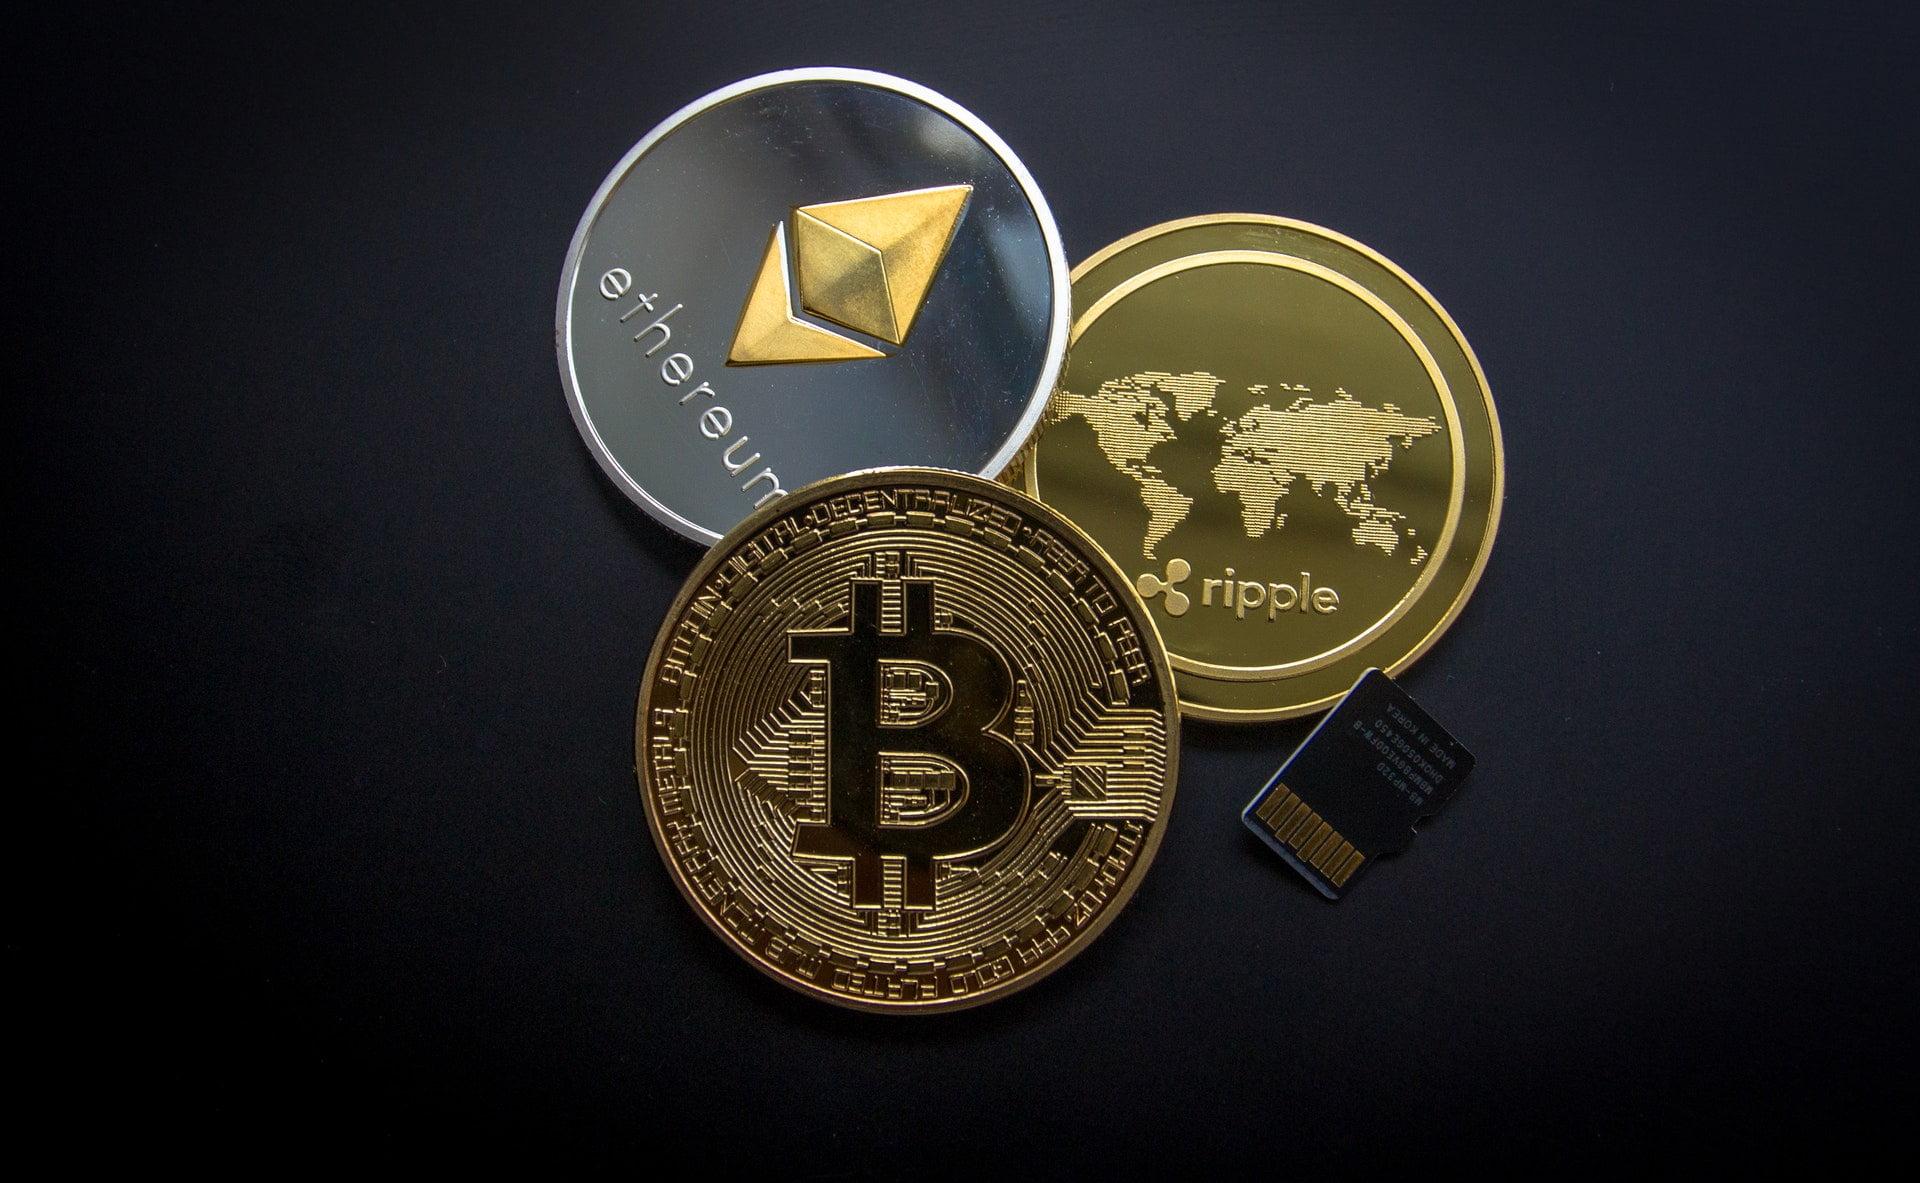 Suurimpia kryptovaluuttoja ovat Bitcoin, Ethereum ja Ripple